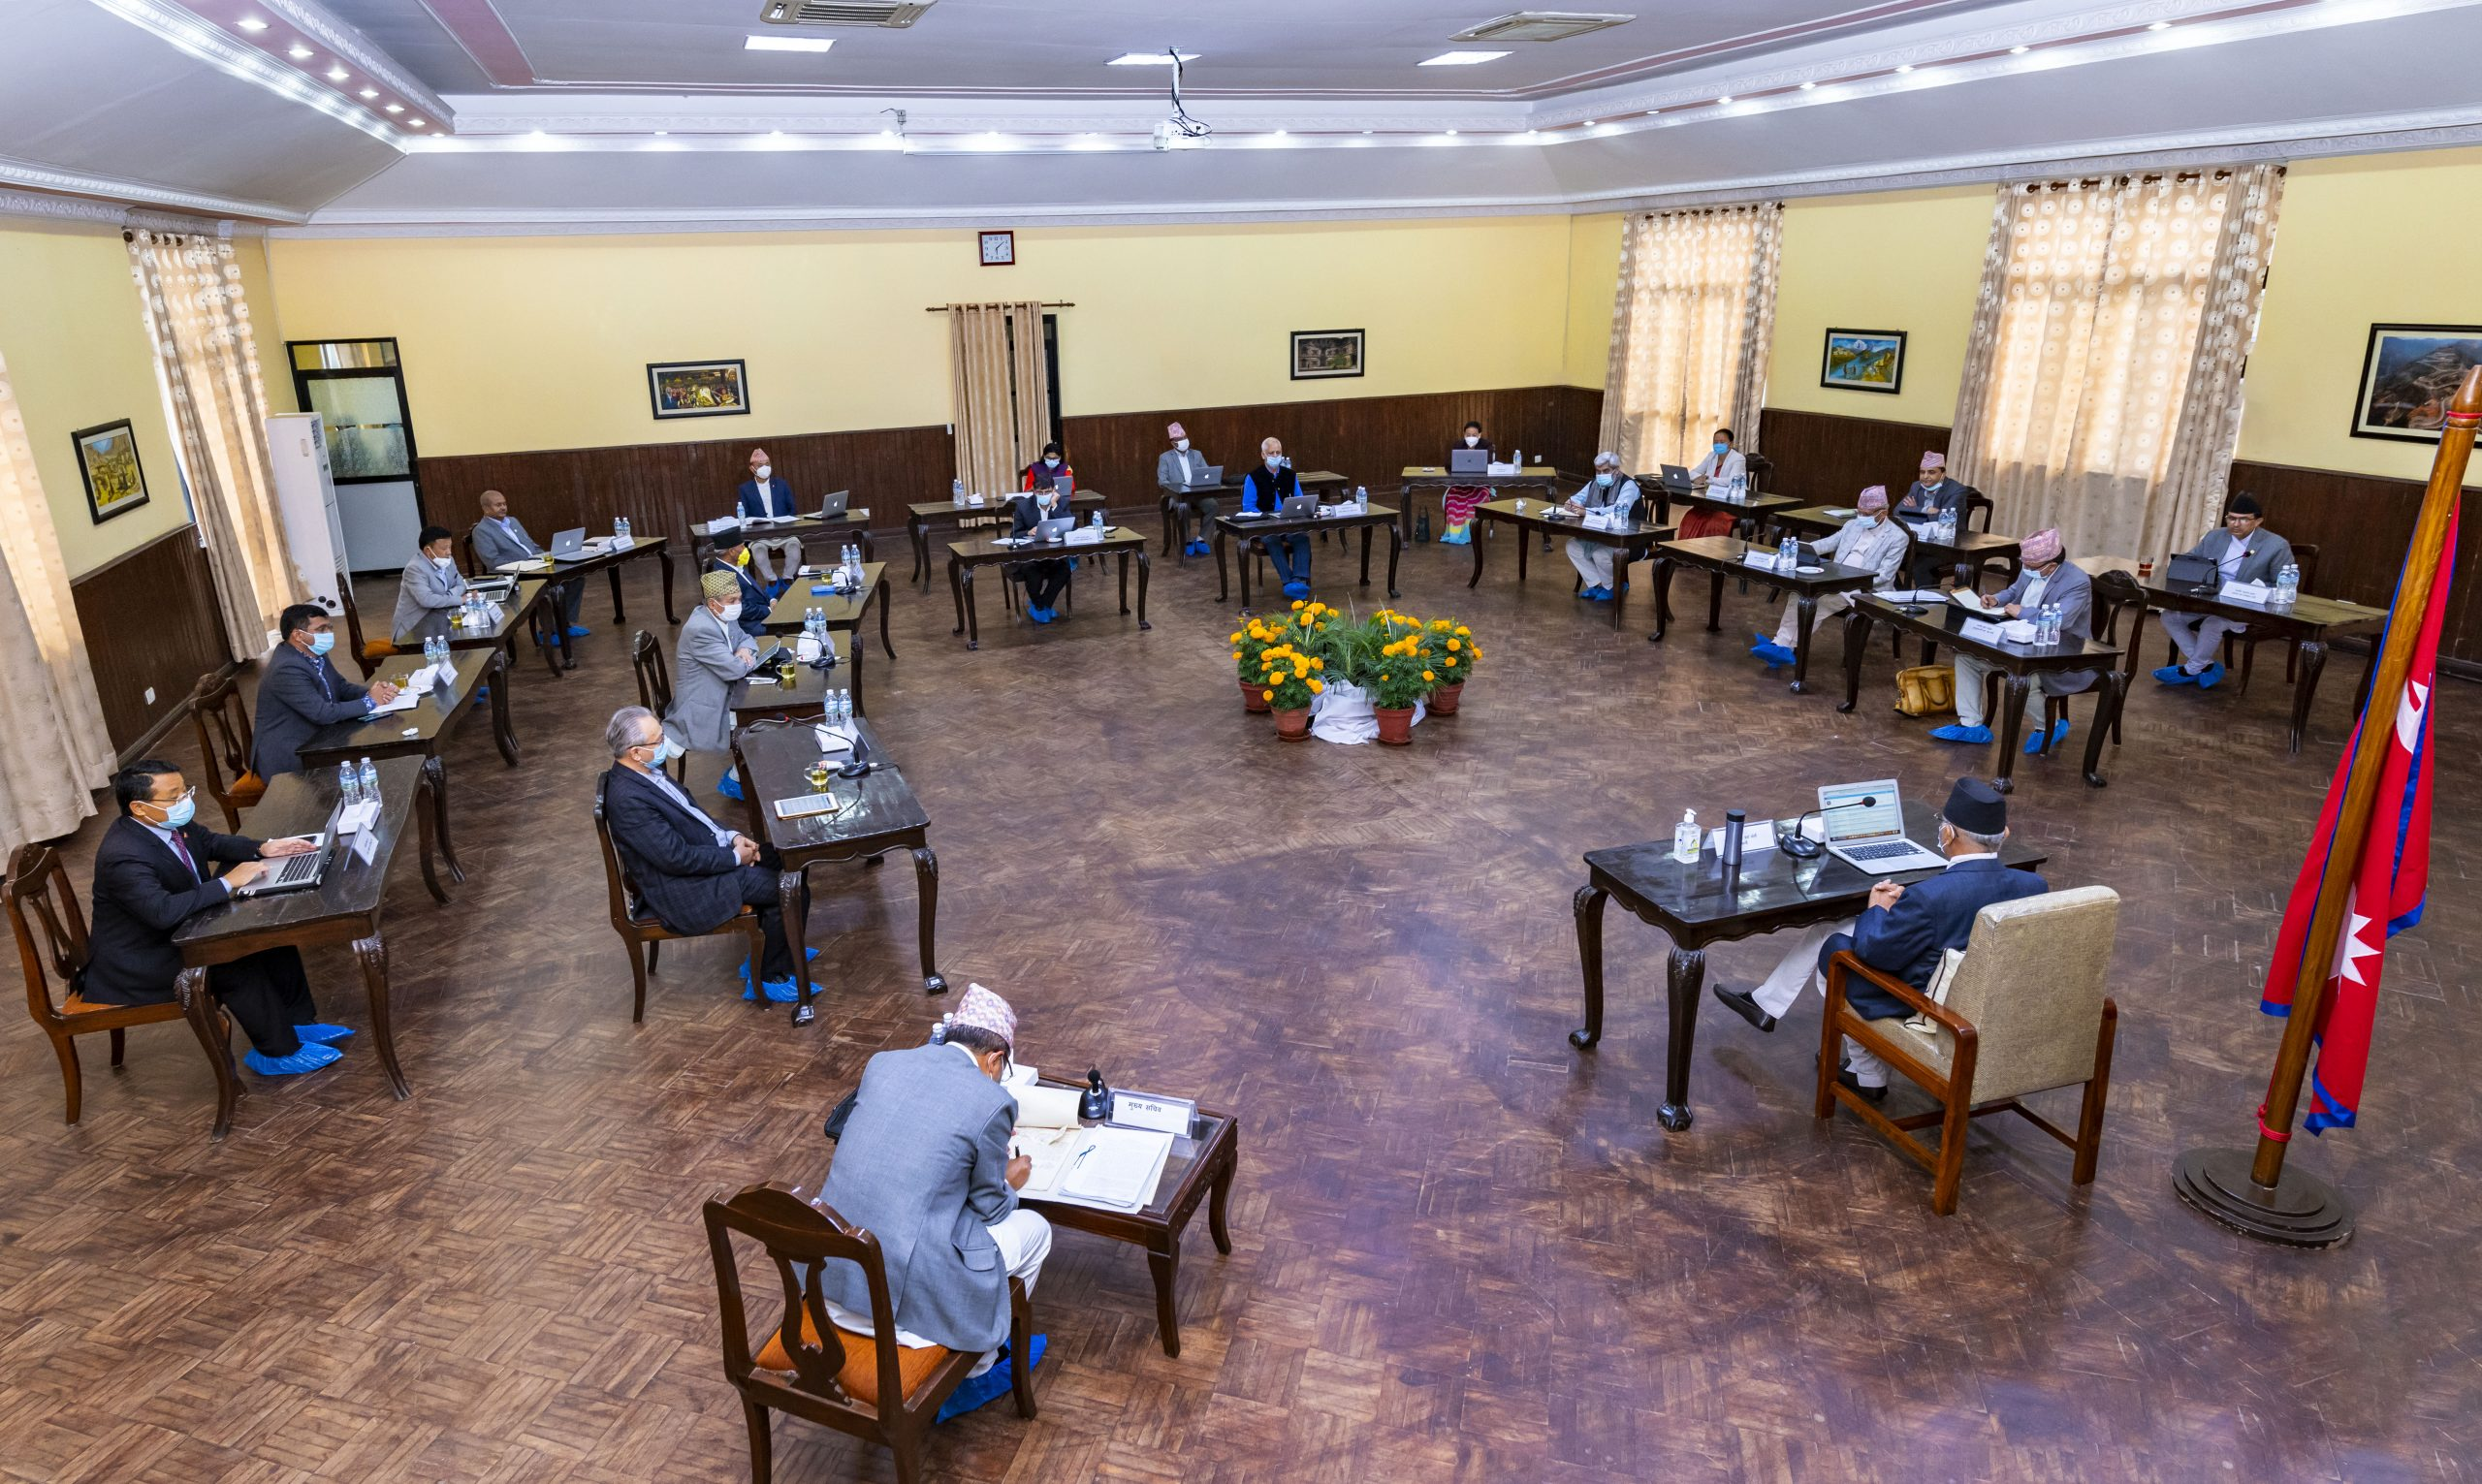 बालुवाटारमा मन्त्रिपरिषद् बैठक सुरु, समसामयिक विषयमा छलफल हुने